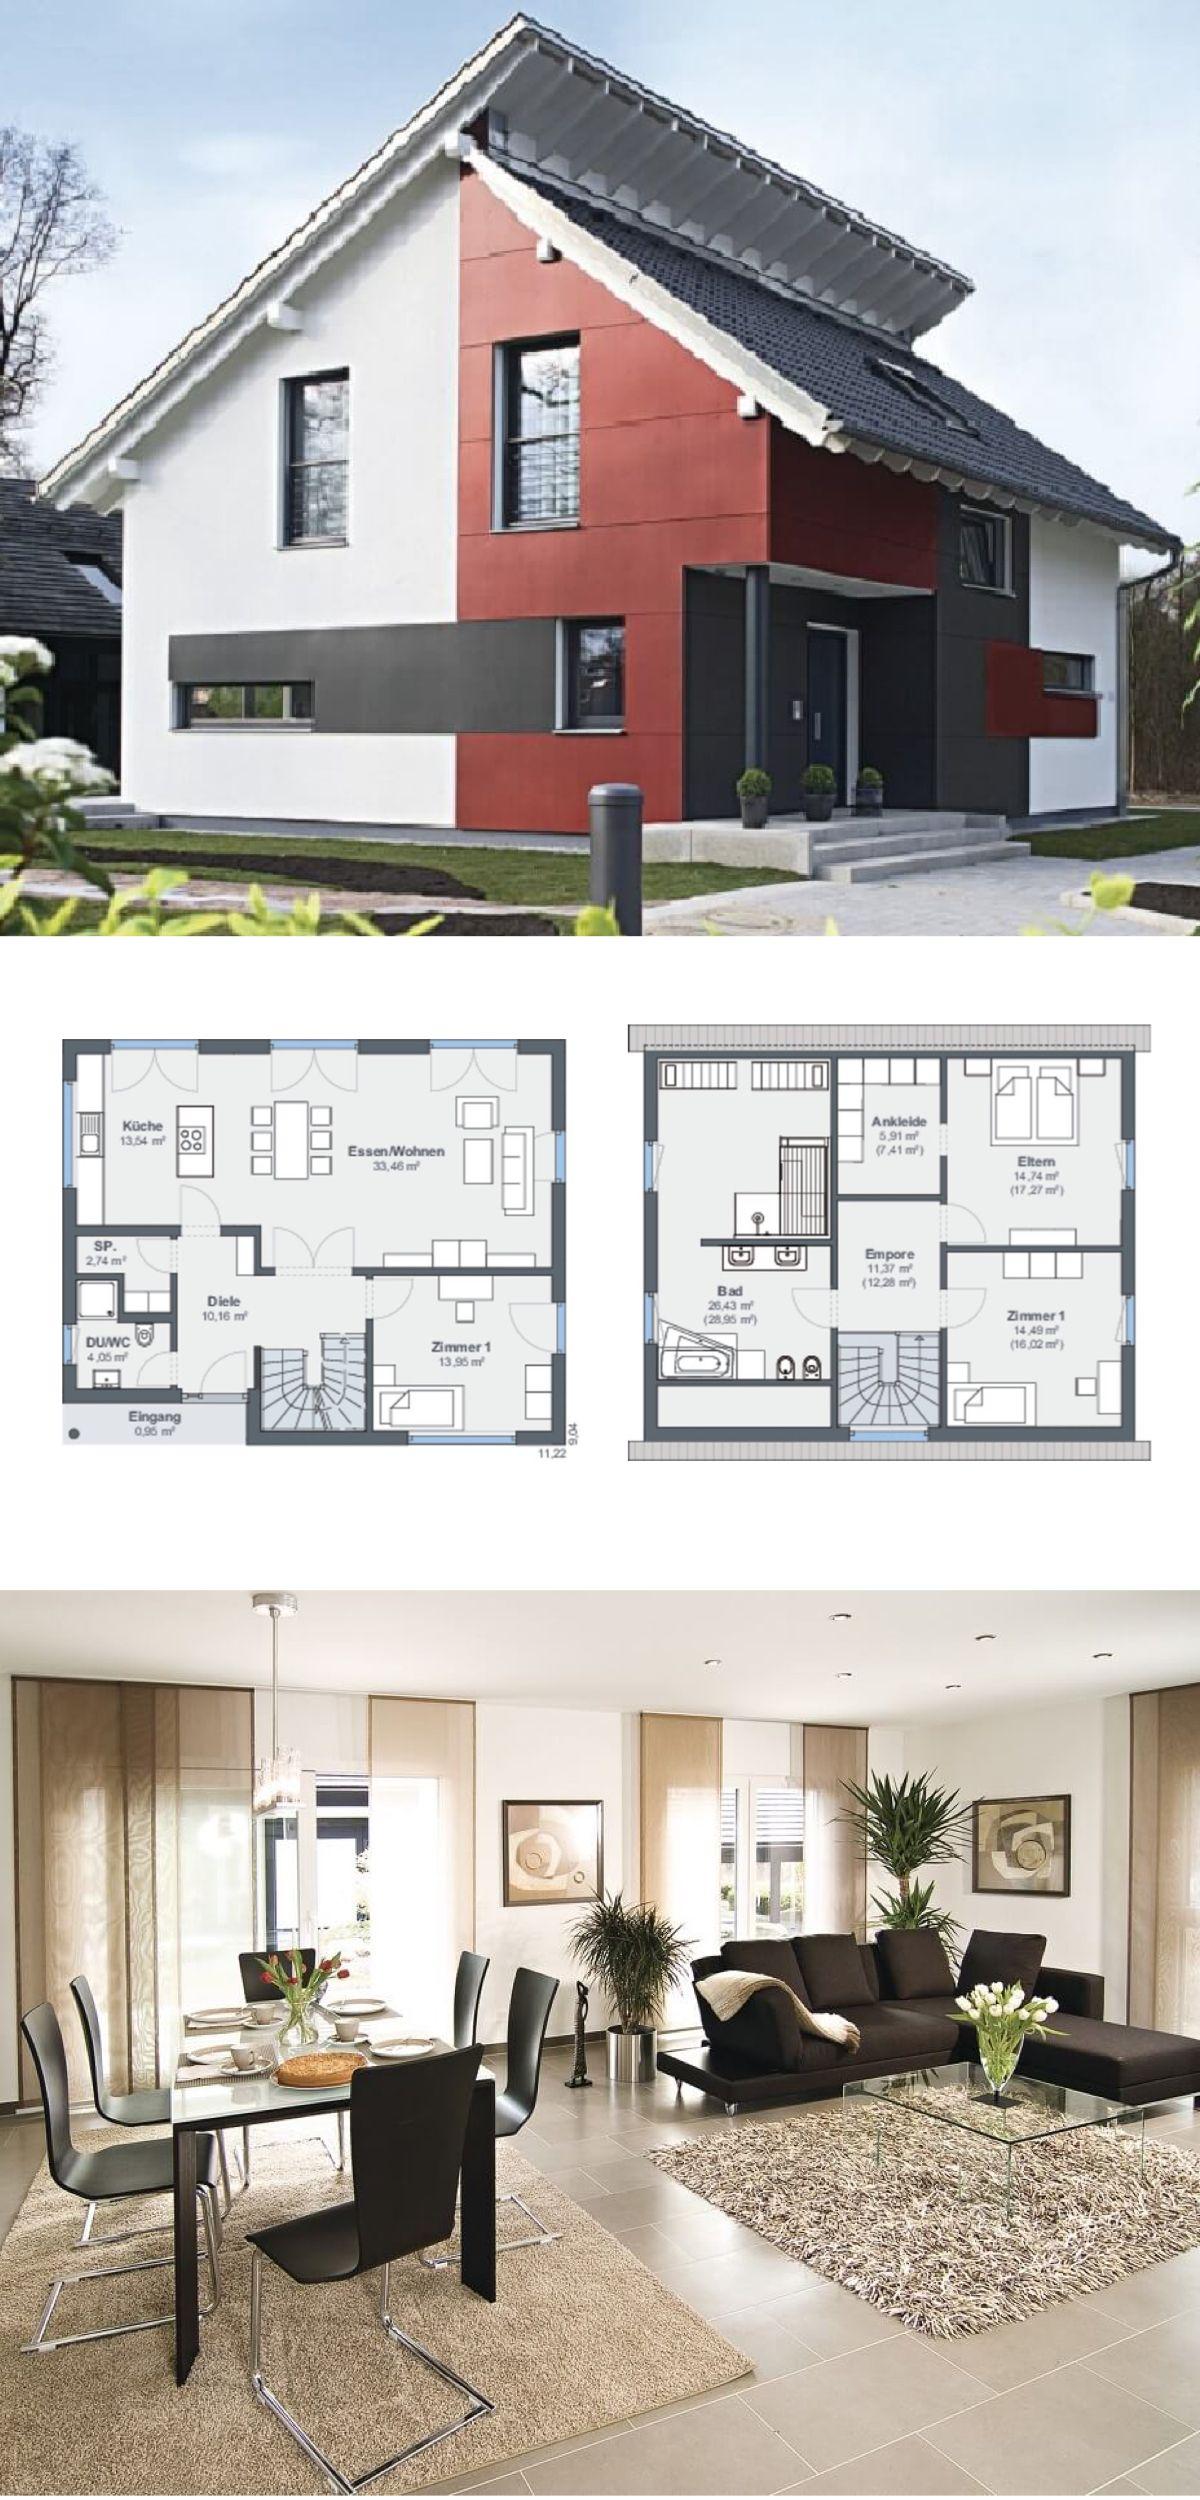 einfamilienhaus mit pultdach versetzt fassade rot wei. Black Bedroom Furniture Sets. Home Design Ideas